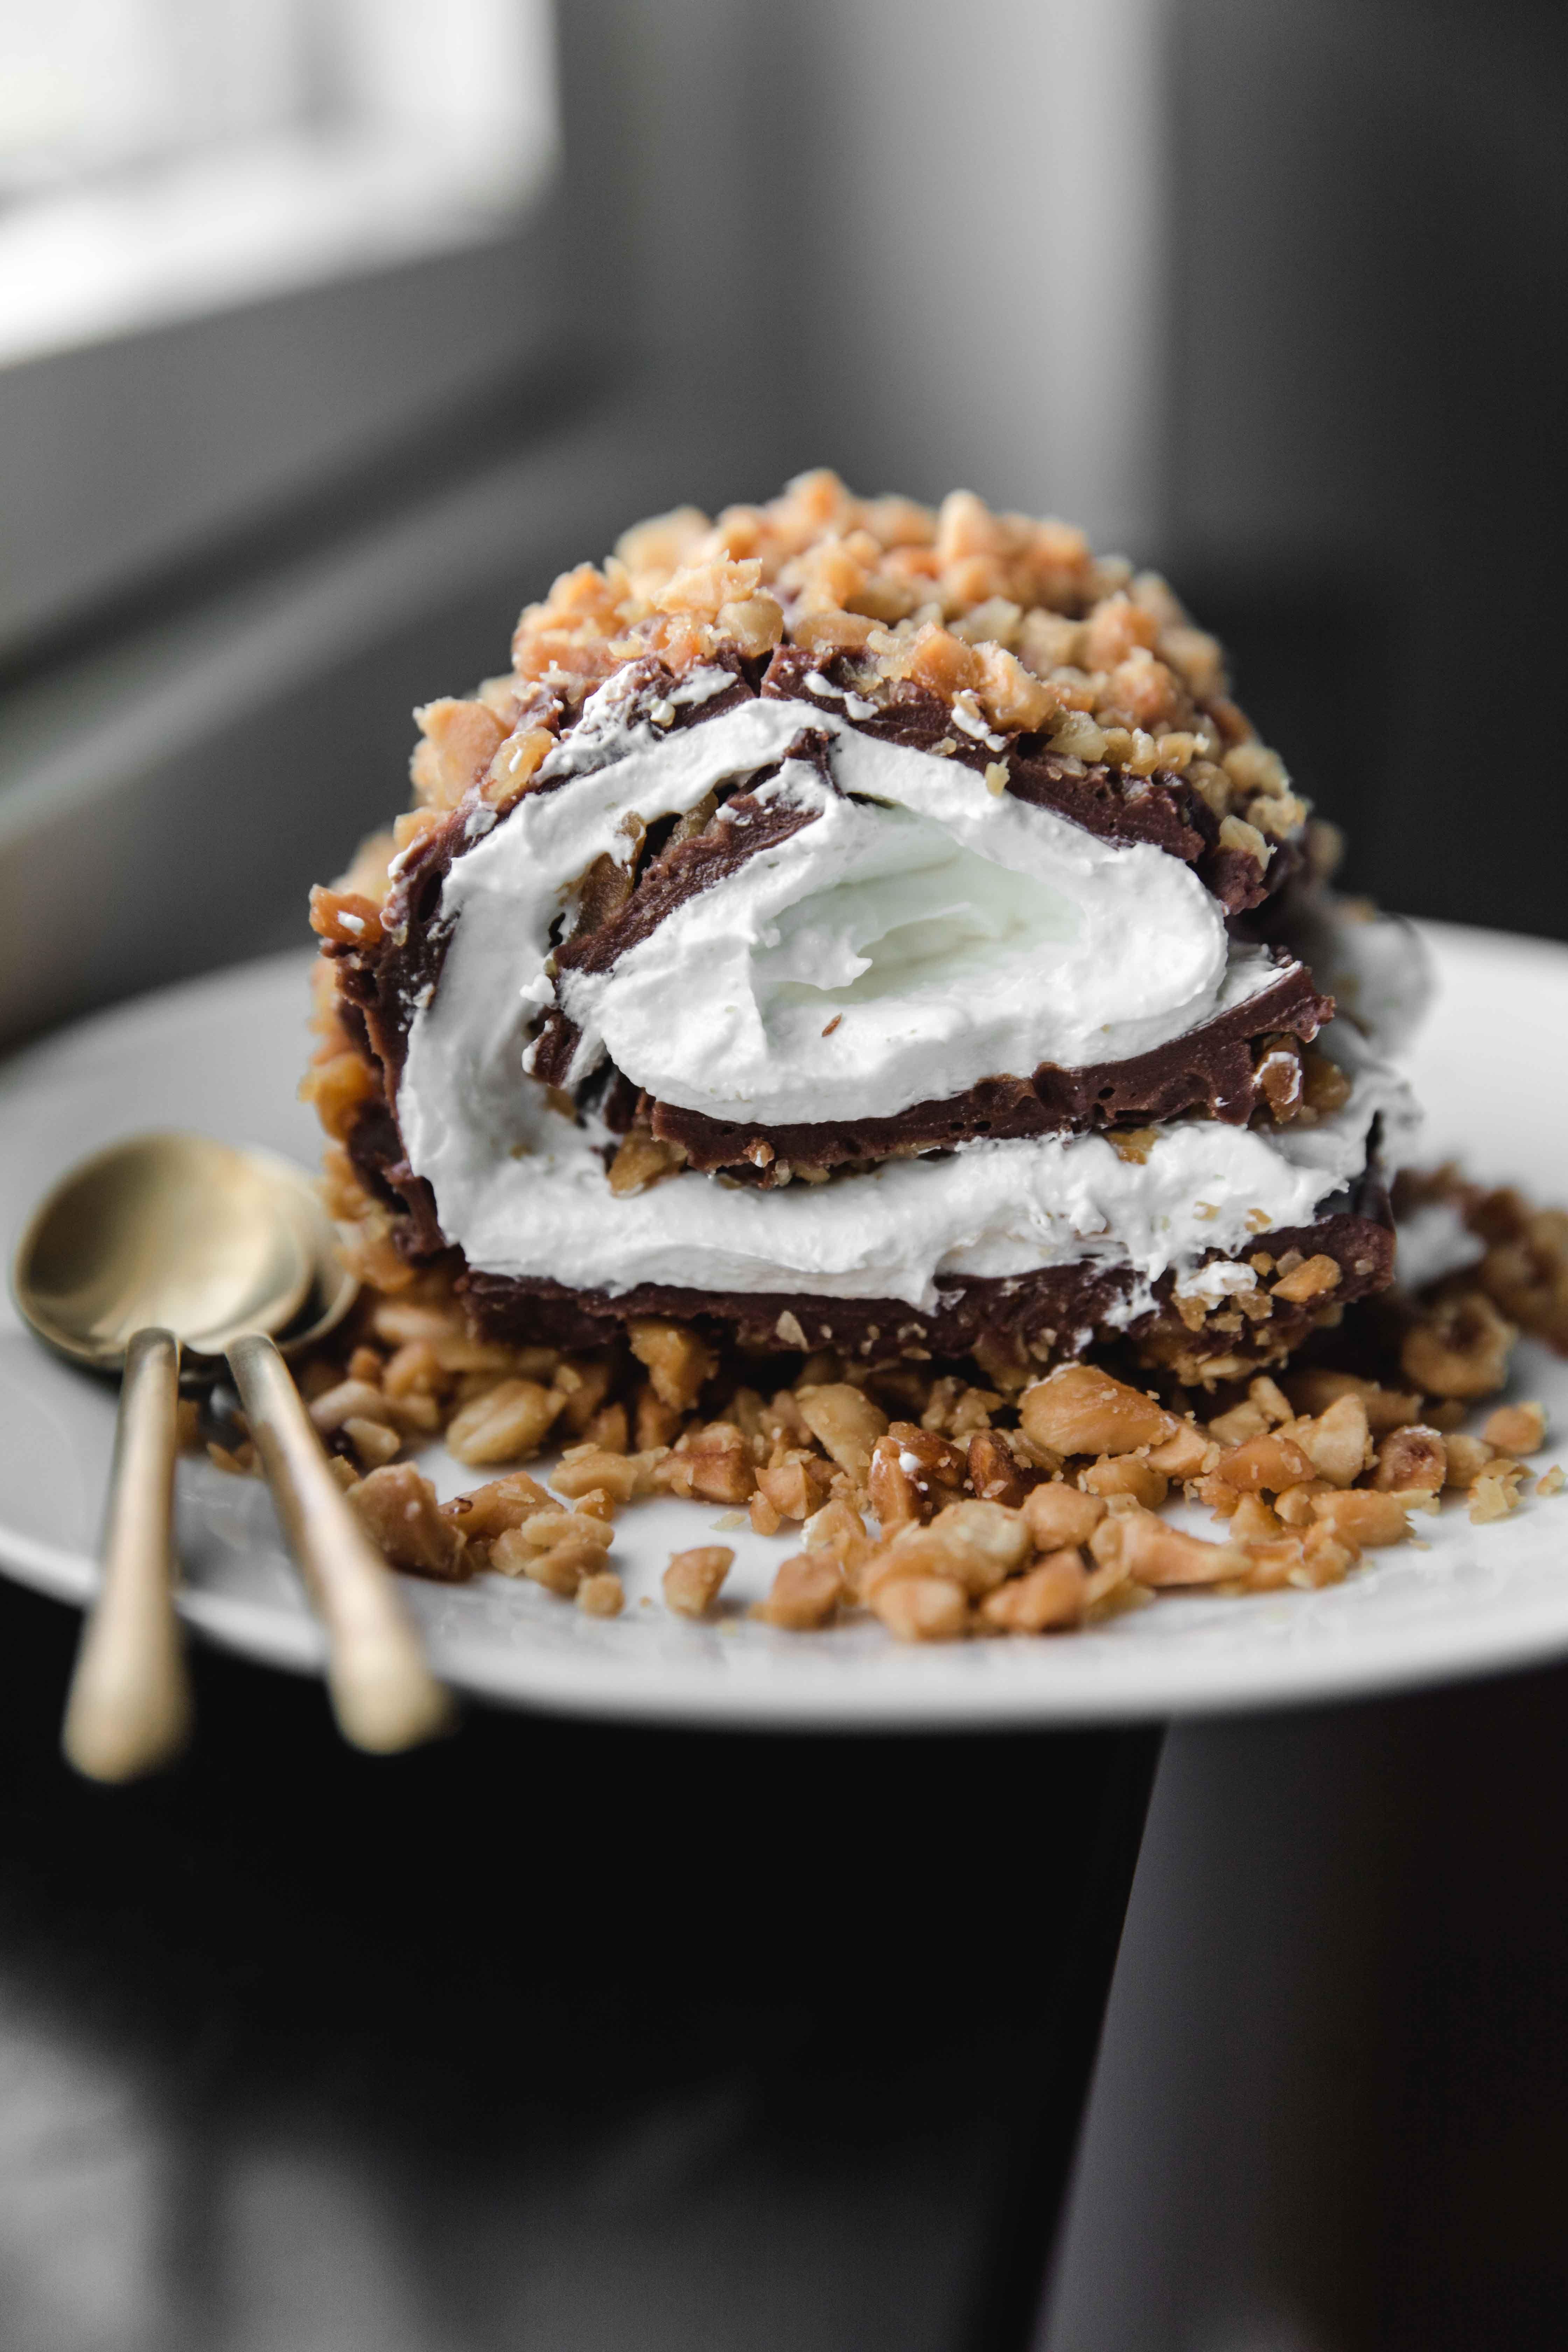 Tik Tok Dessert With Pudding And Cream Mat Smaskigt Bakning